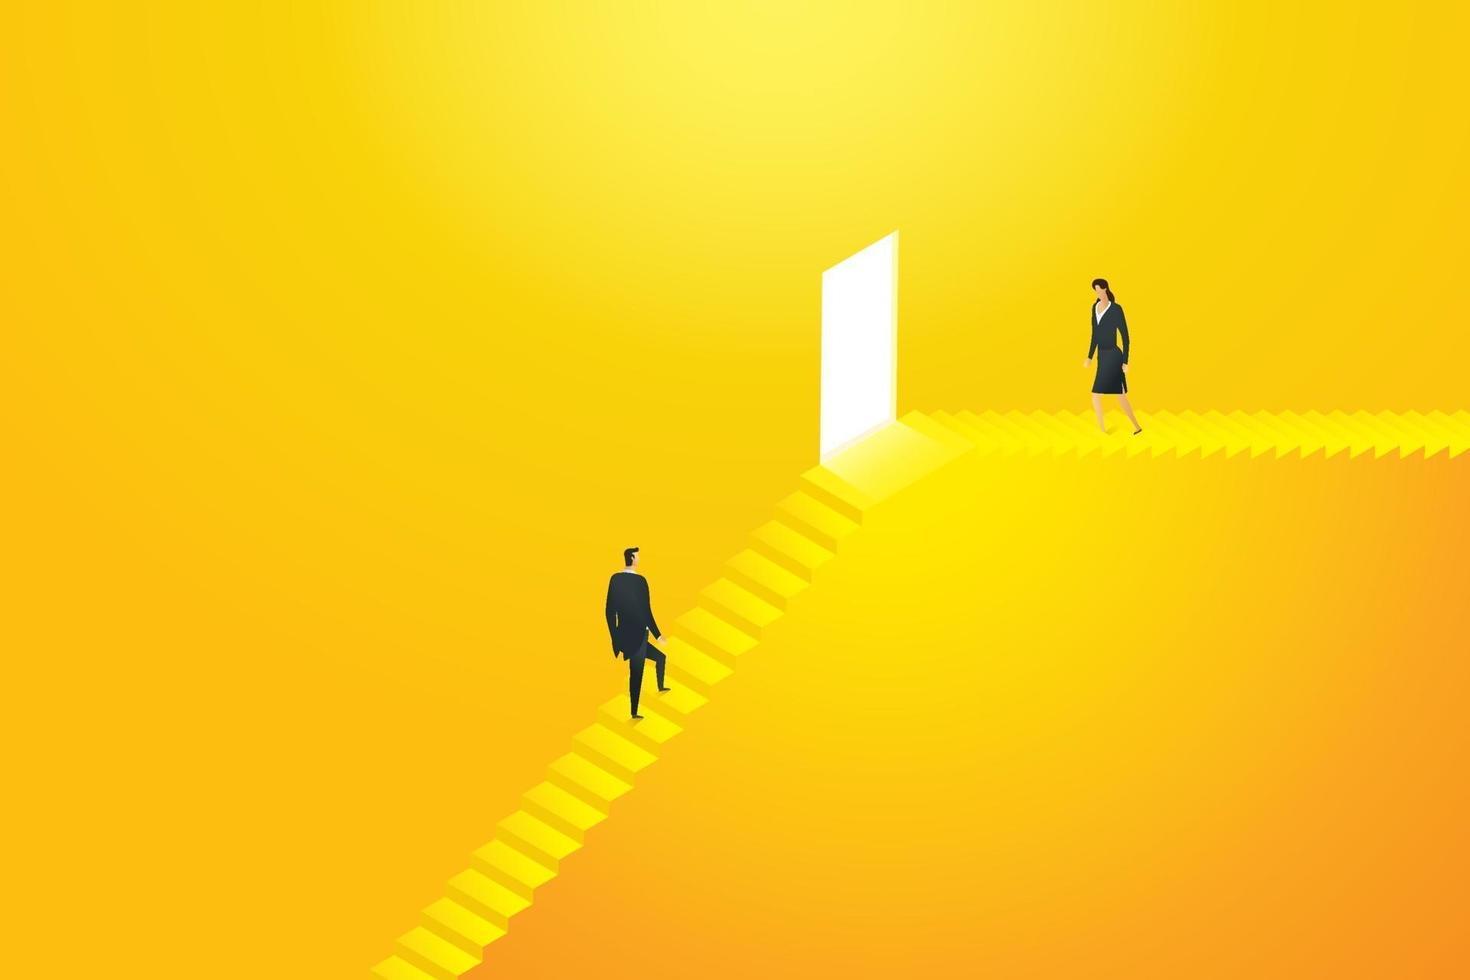 empresários dois estão subindo as escadas em direção ao destino. vetor